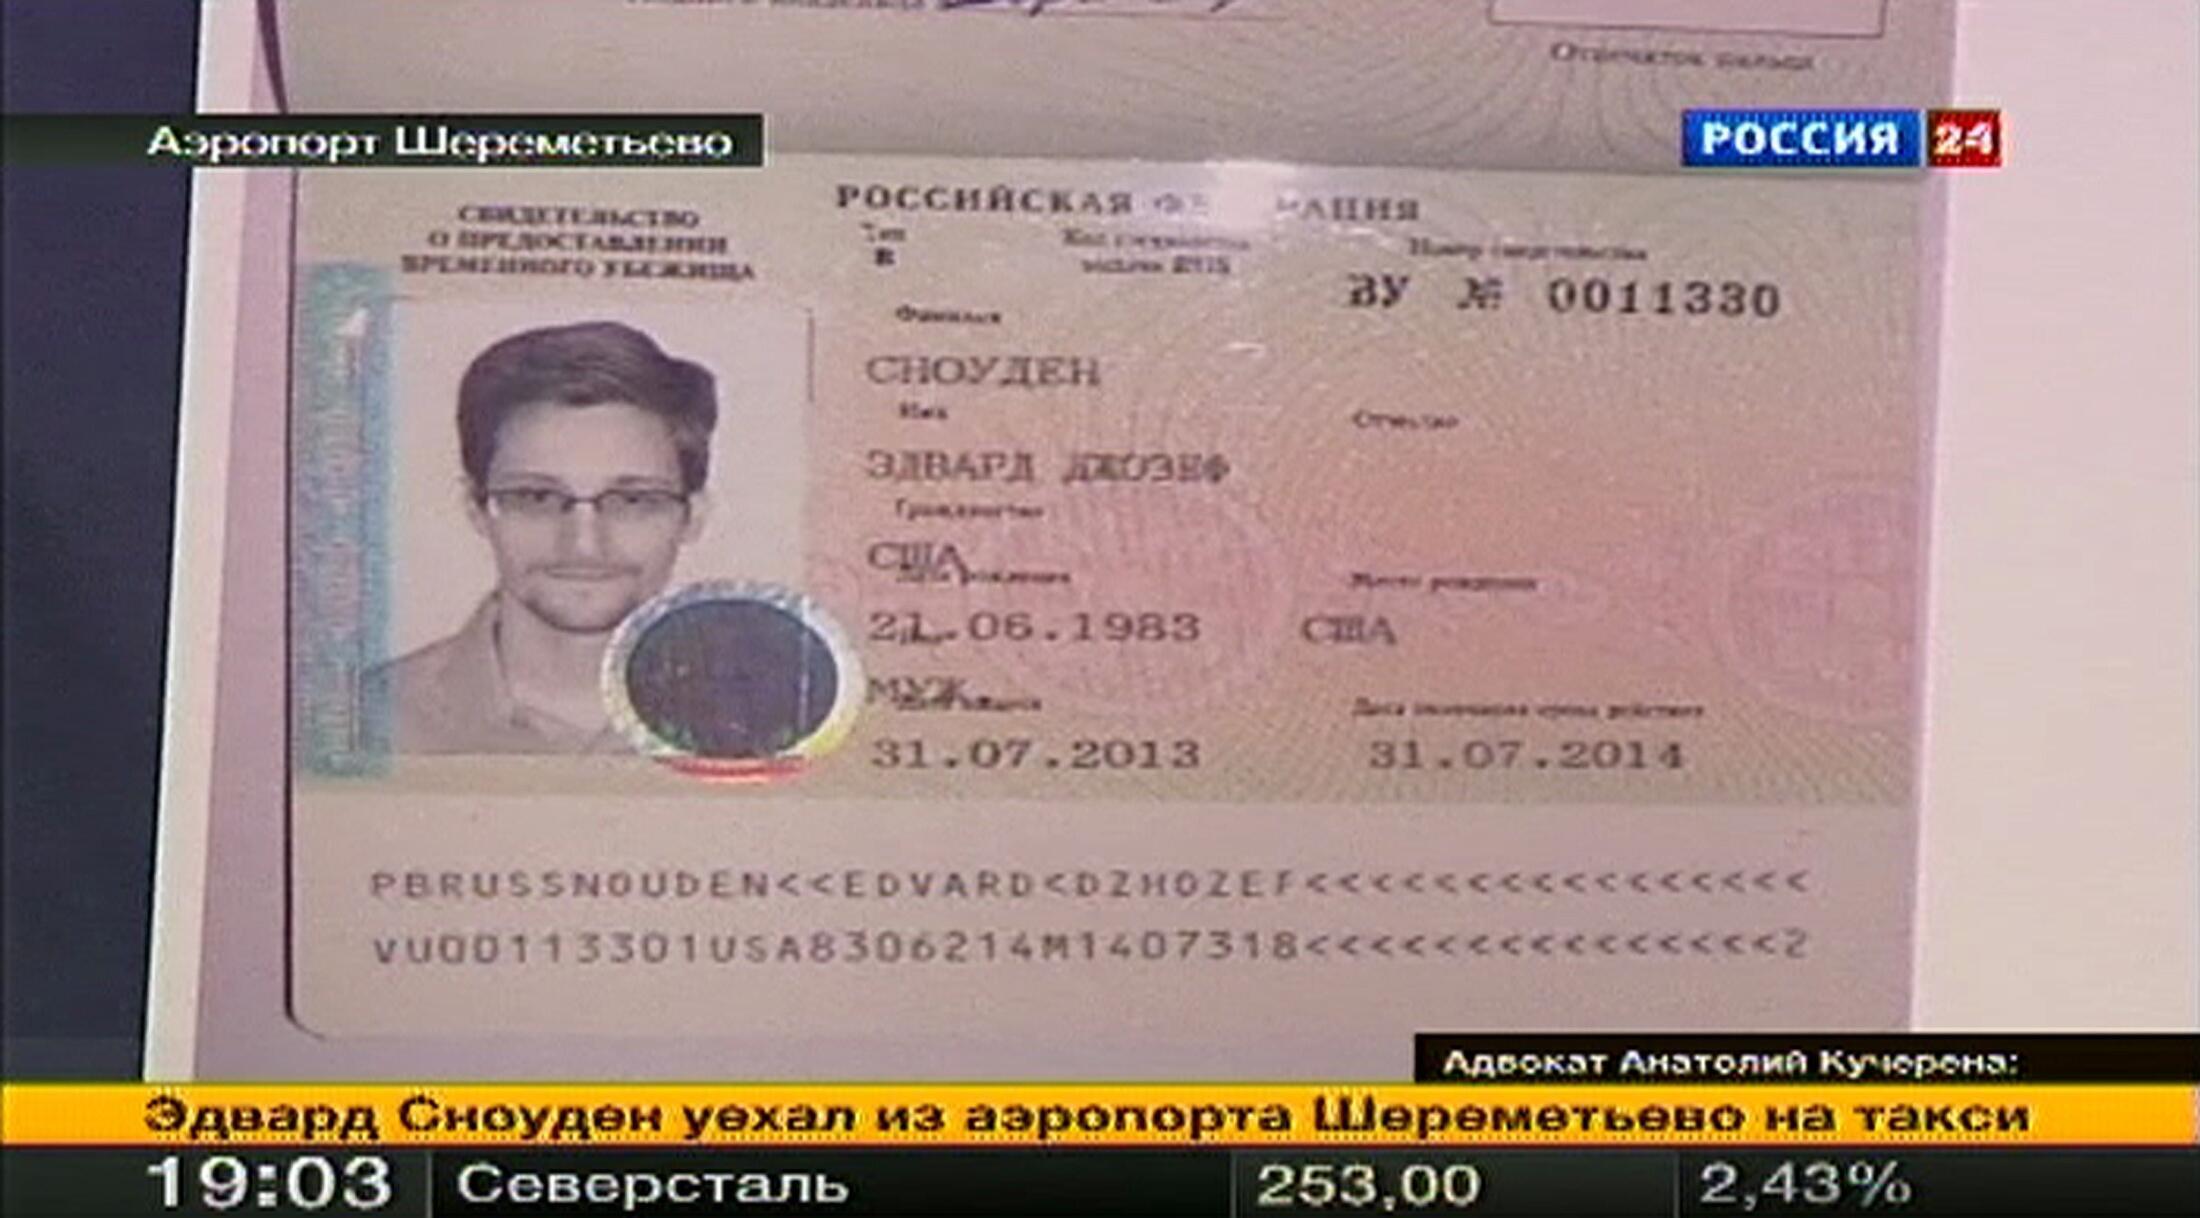 Беженские документы Эдварда Сноудена, врученные ему в аэропорту Шереметьево 01/08/2013